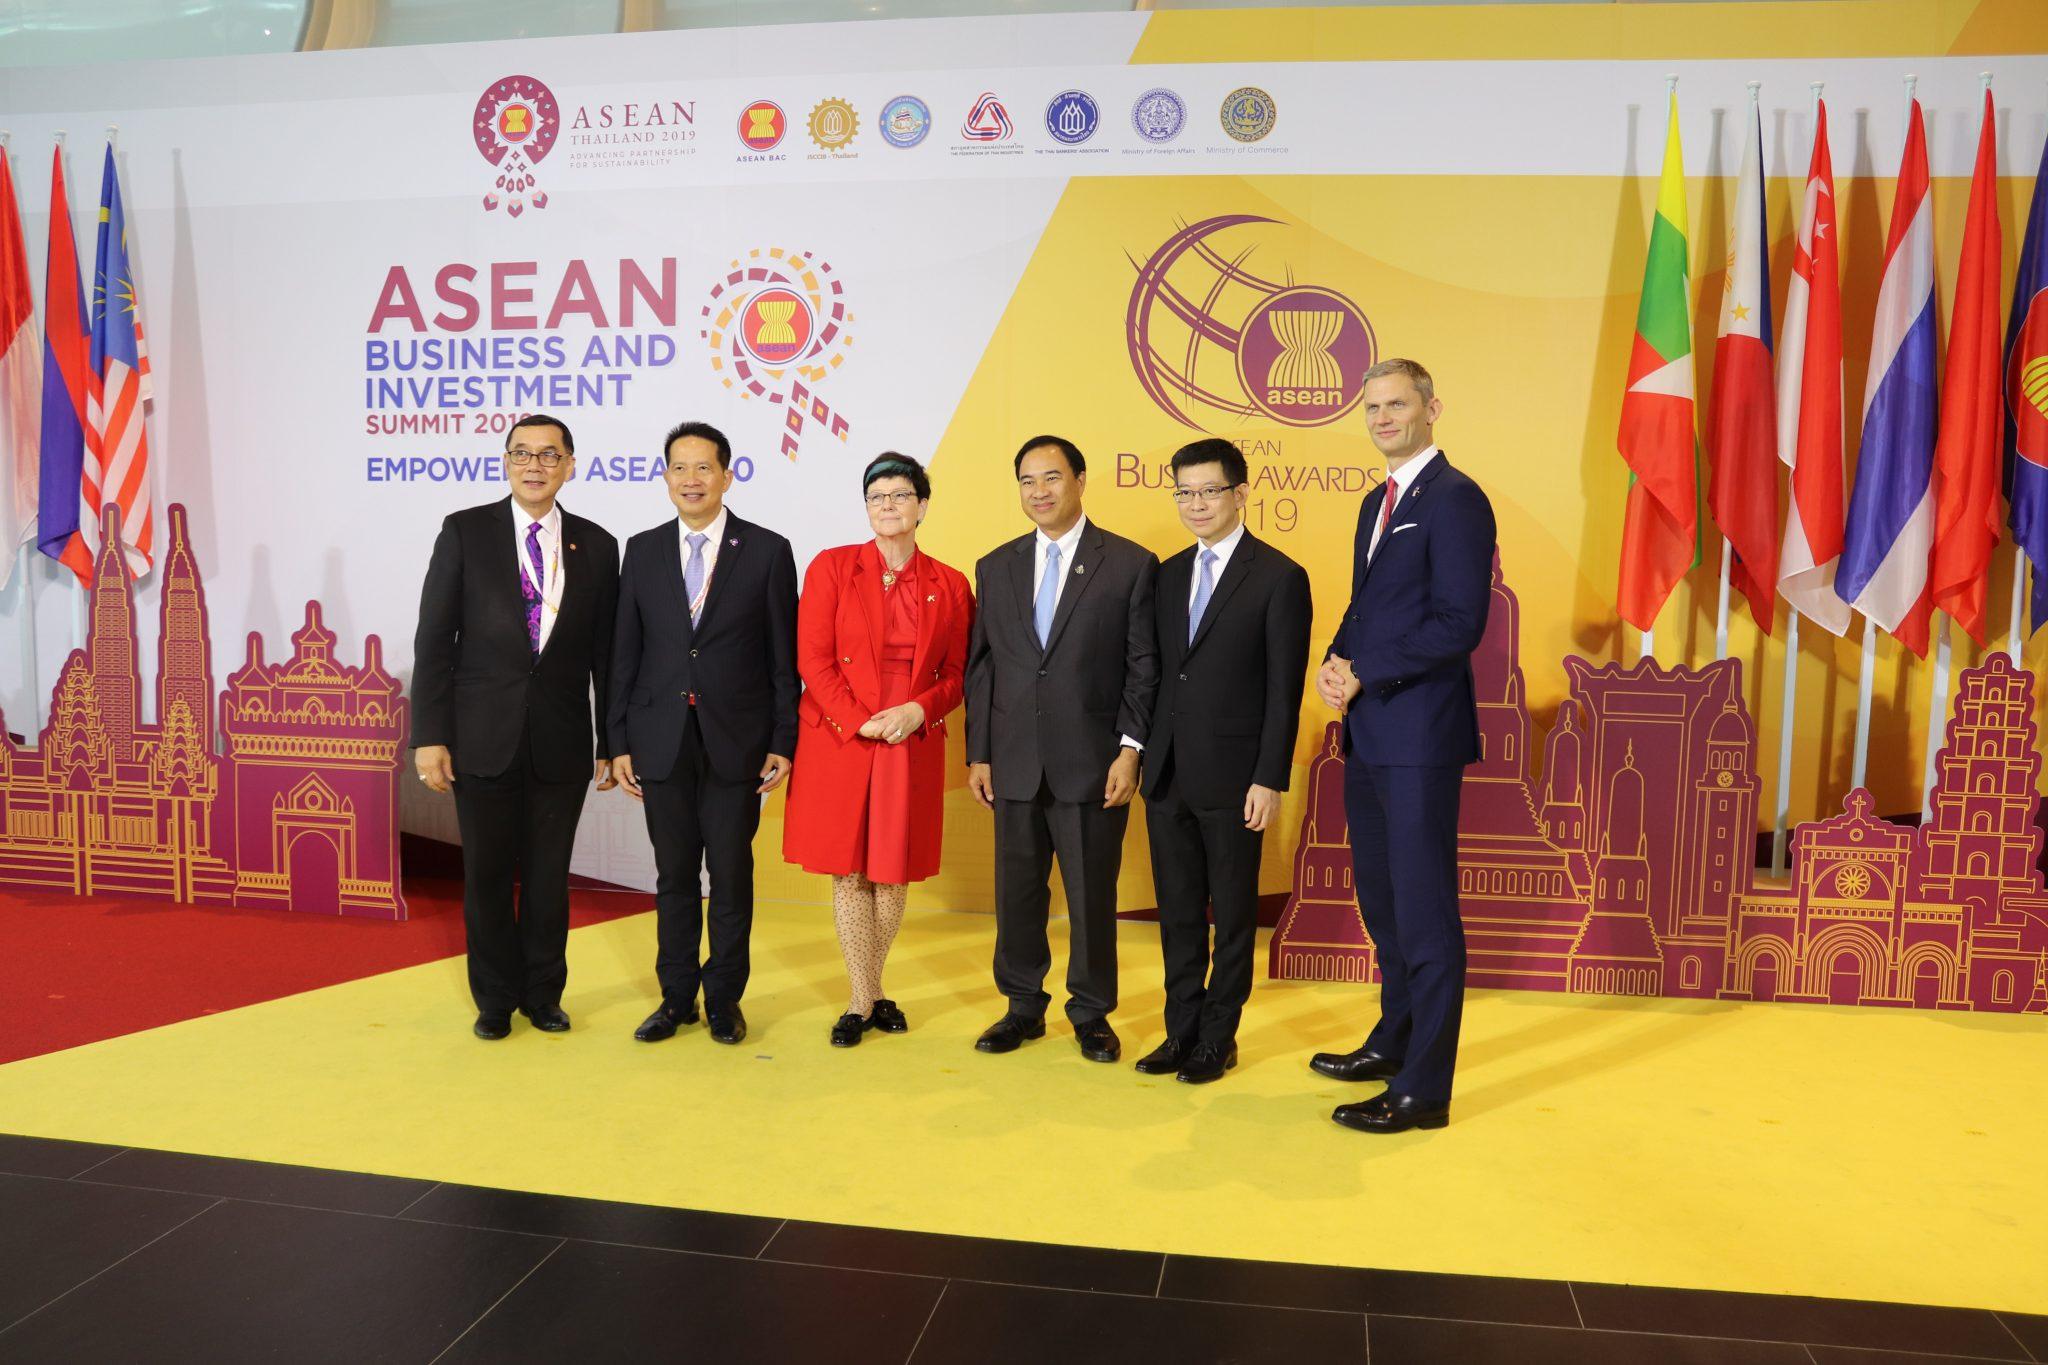 Asean business investment summit brunei work king down vest